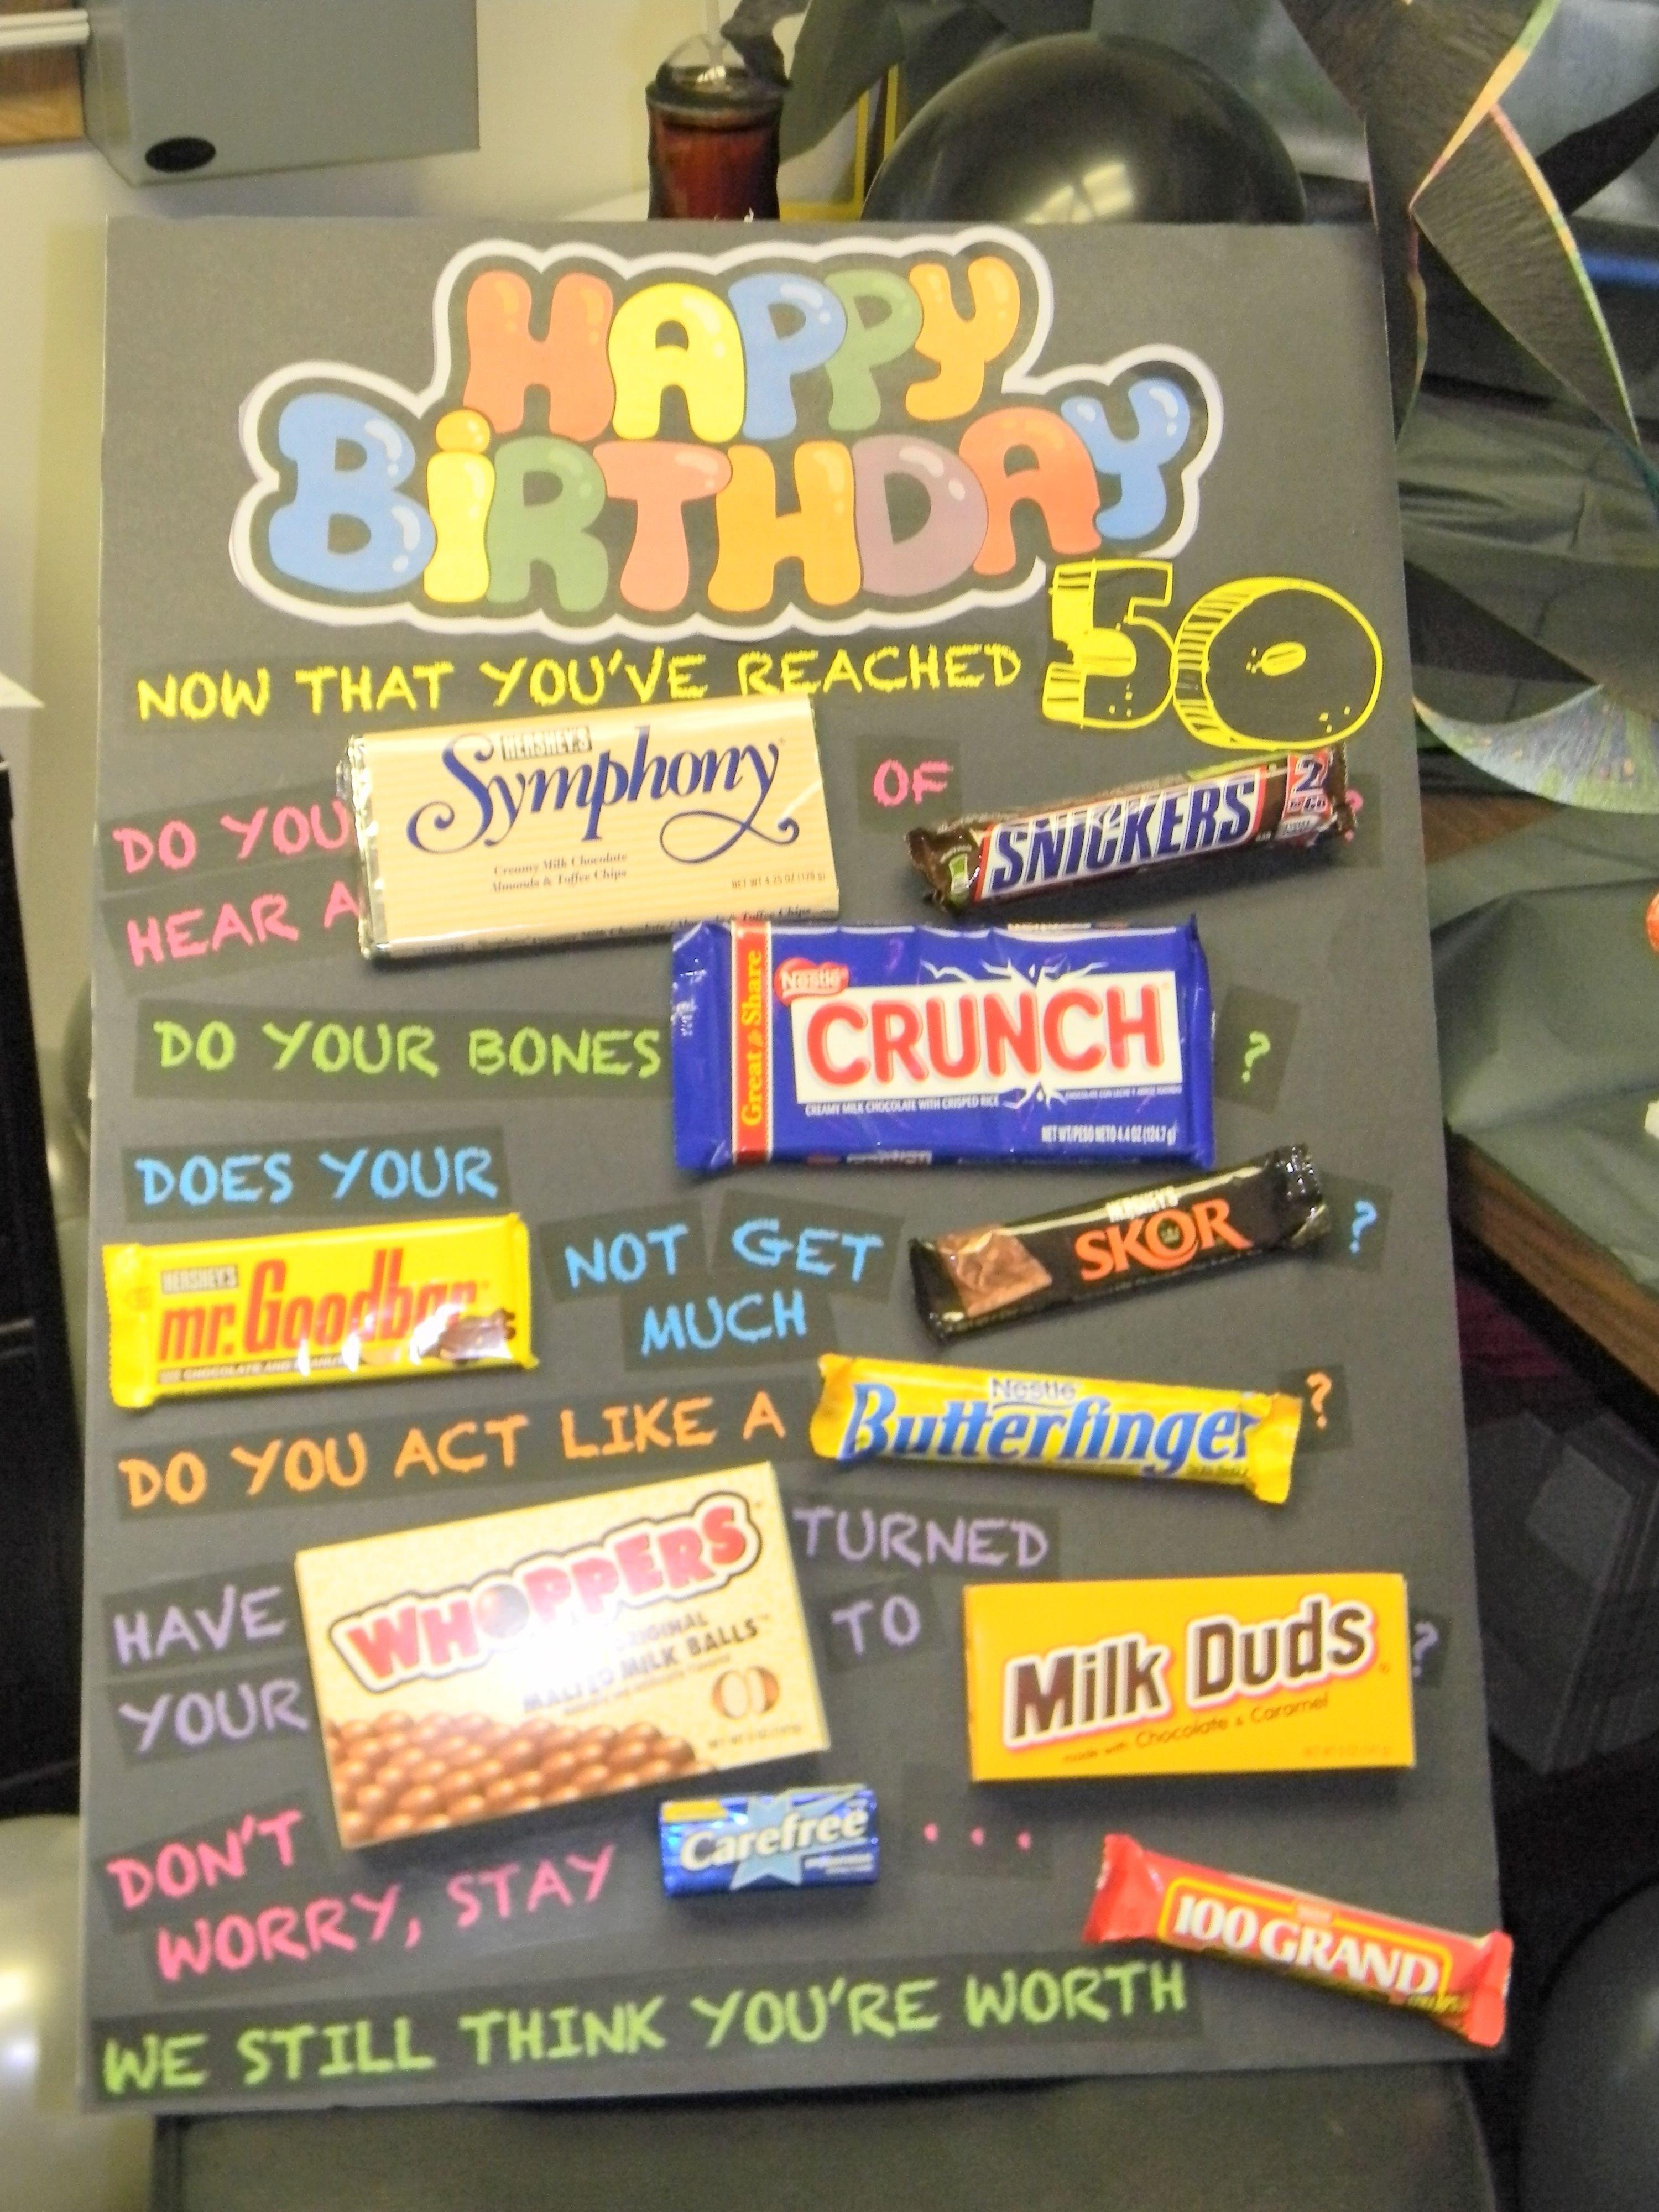 10 Stylish Gift Ideas For 50Th Birthday 50th birthday gift ideas 50th birthday cards 50th and birthdays 5 2020